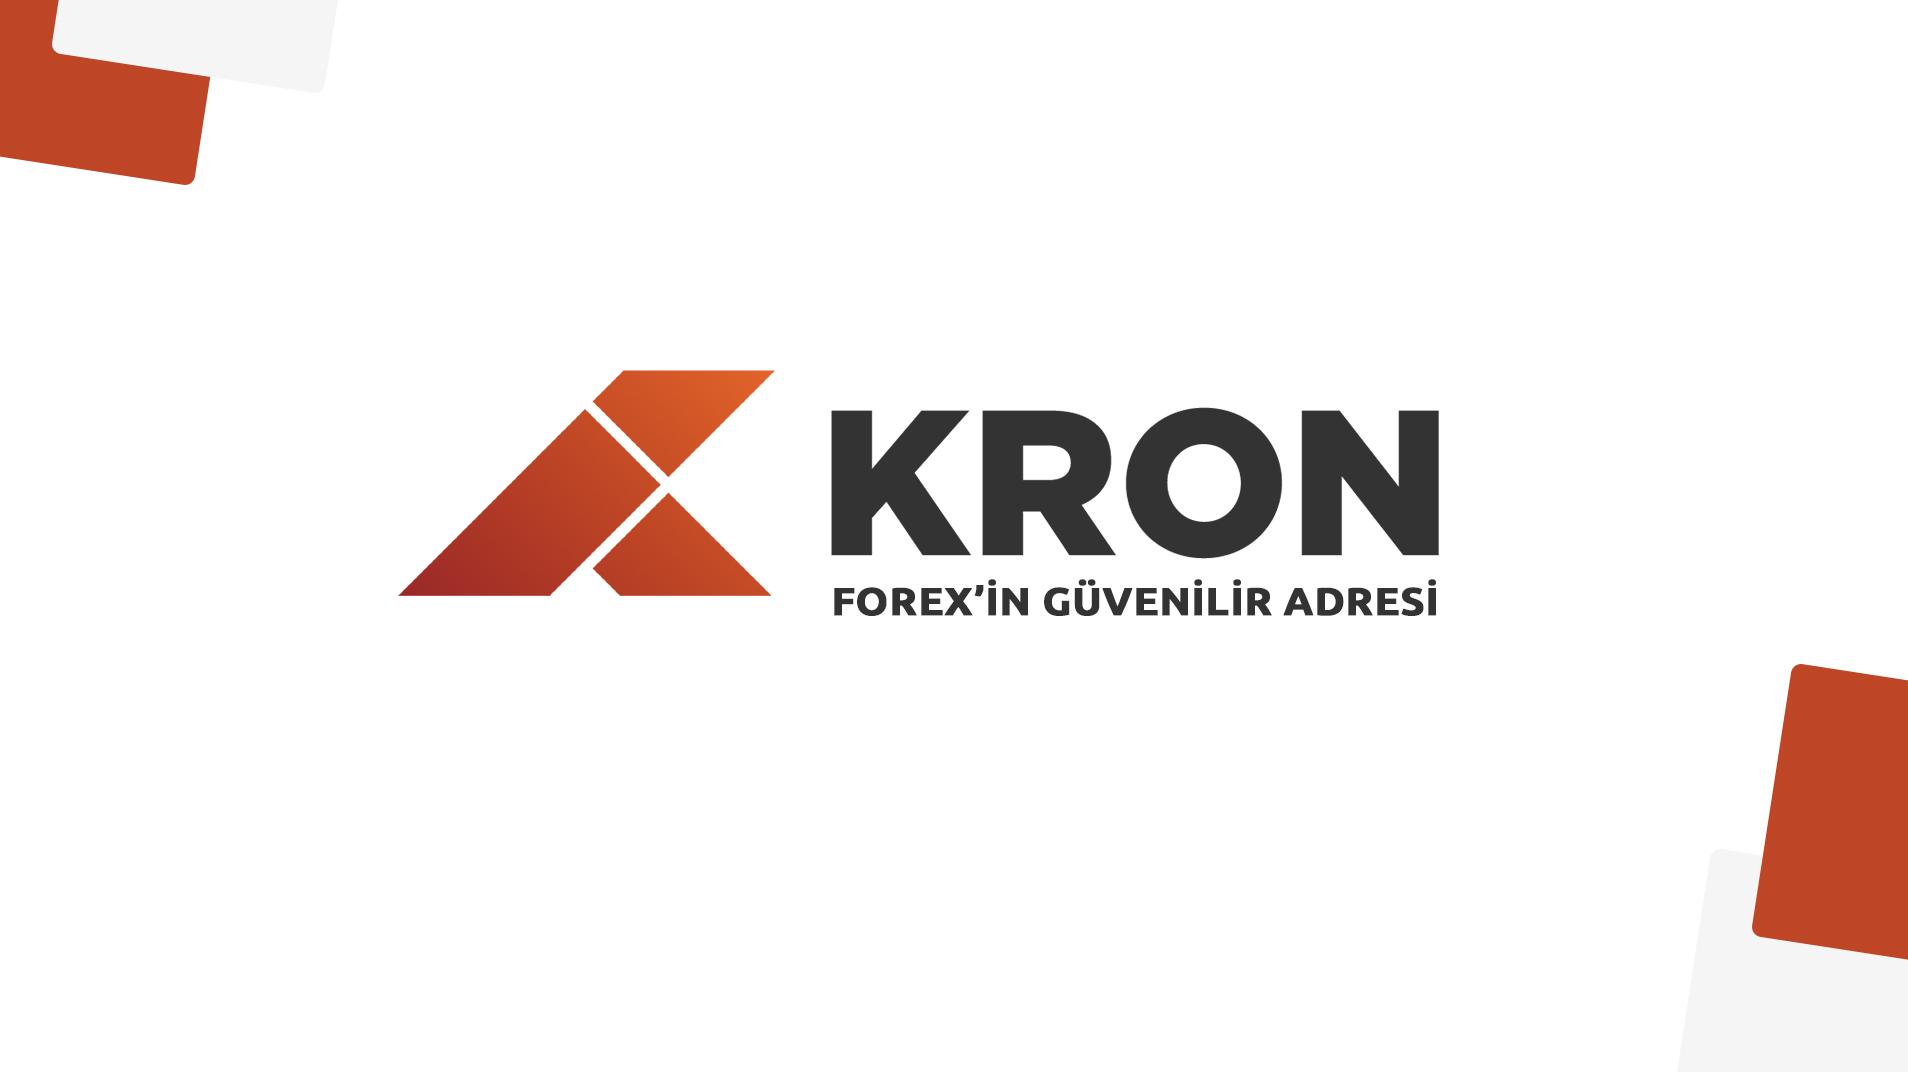 Kron Forex Nasıl ? Sizler İçin Araştırdık!